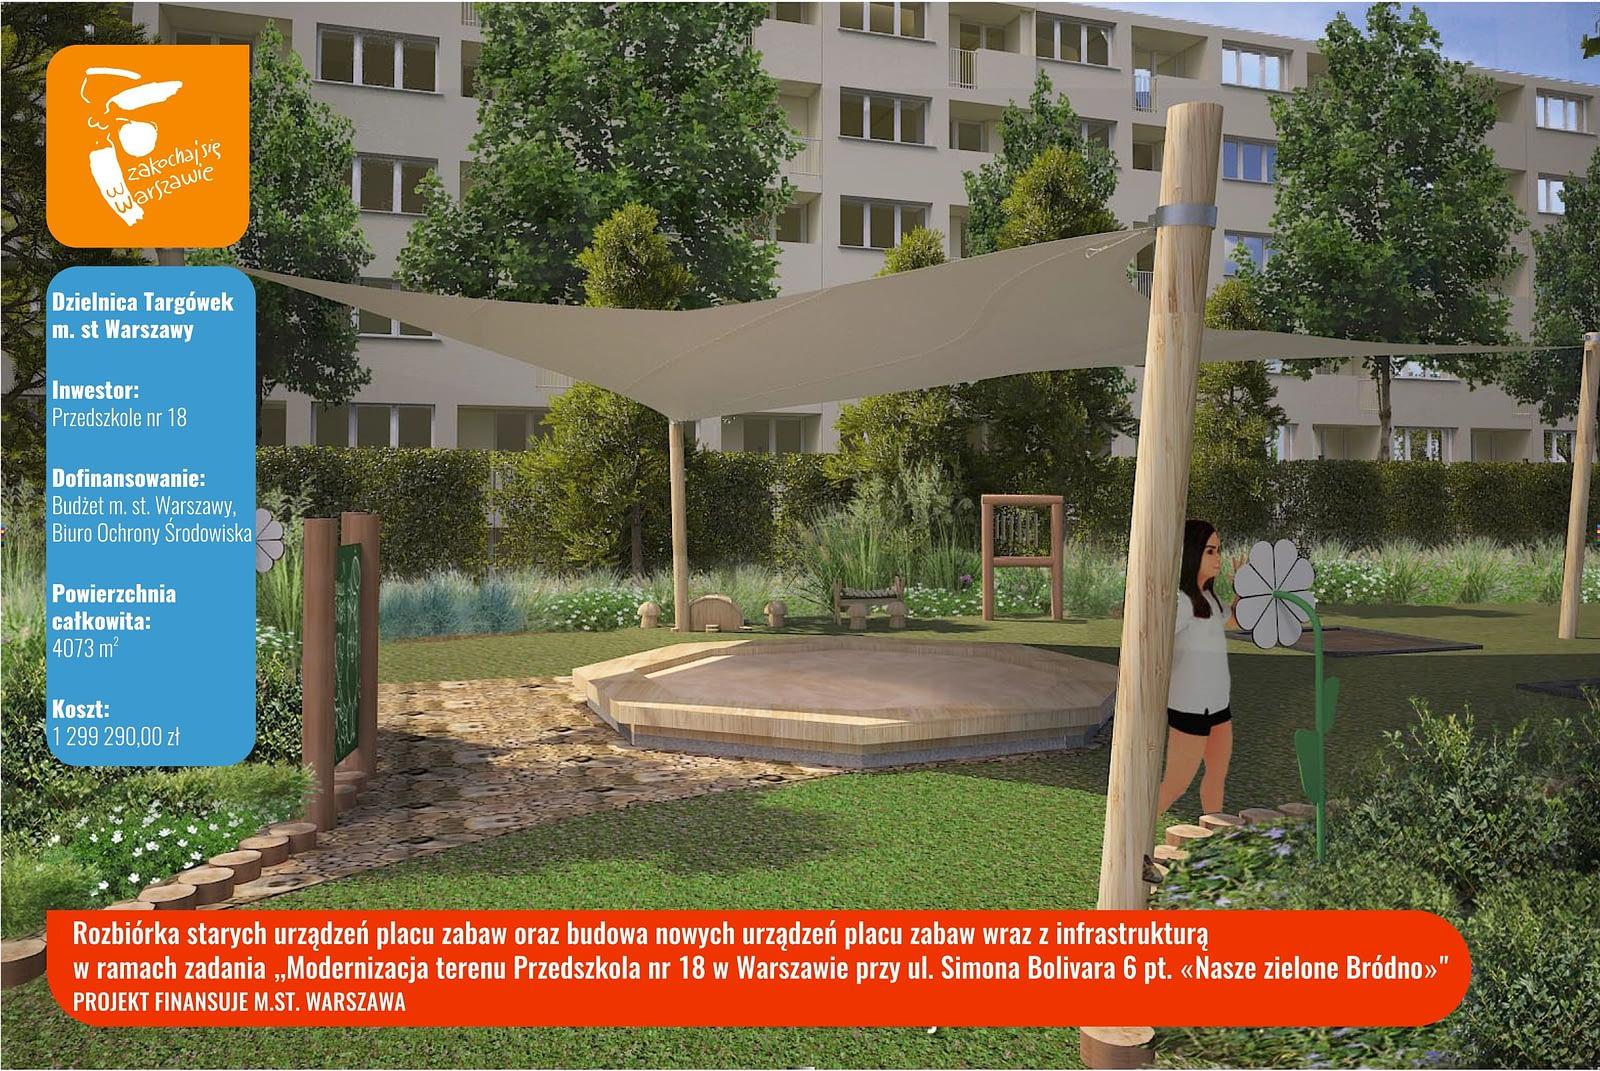 Informacja na temat projektu modernizacji terenu przedszkola